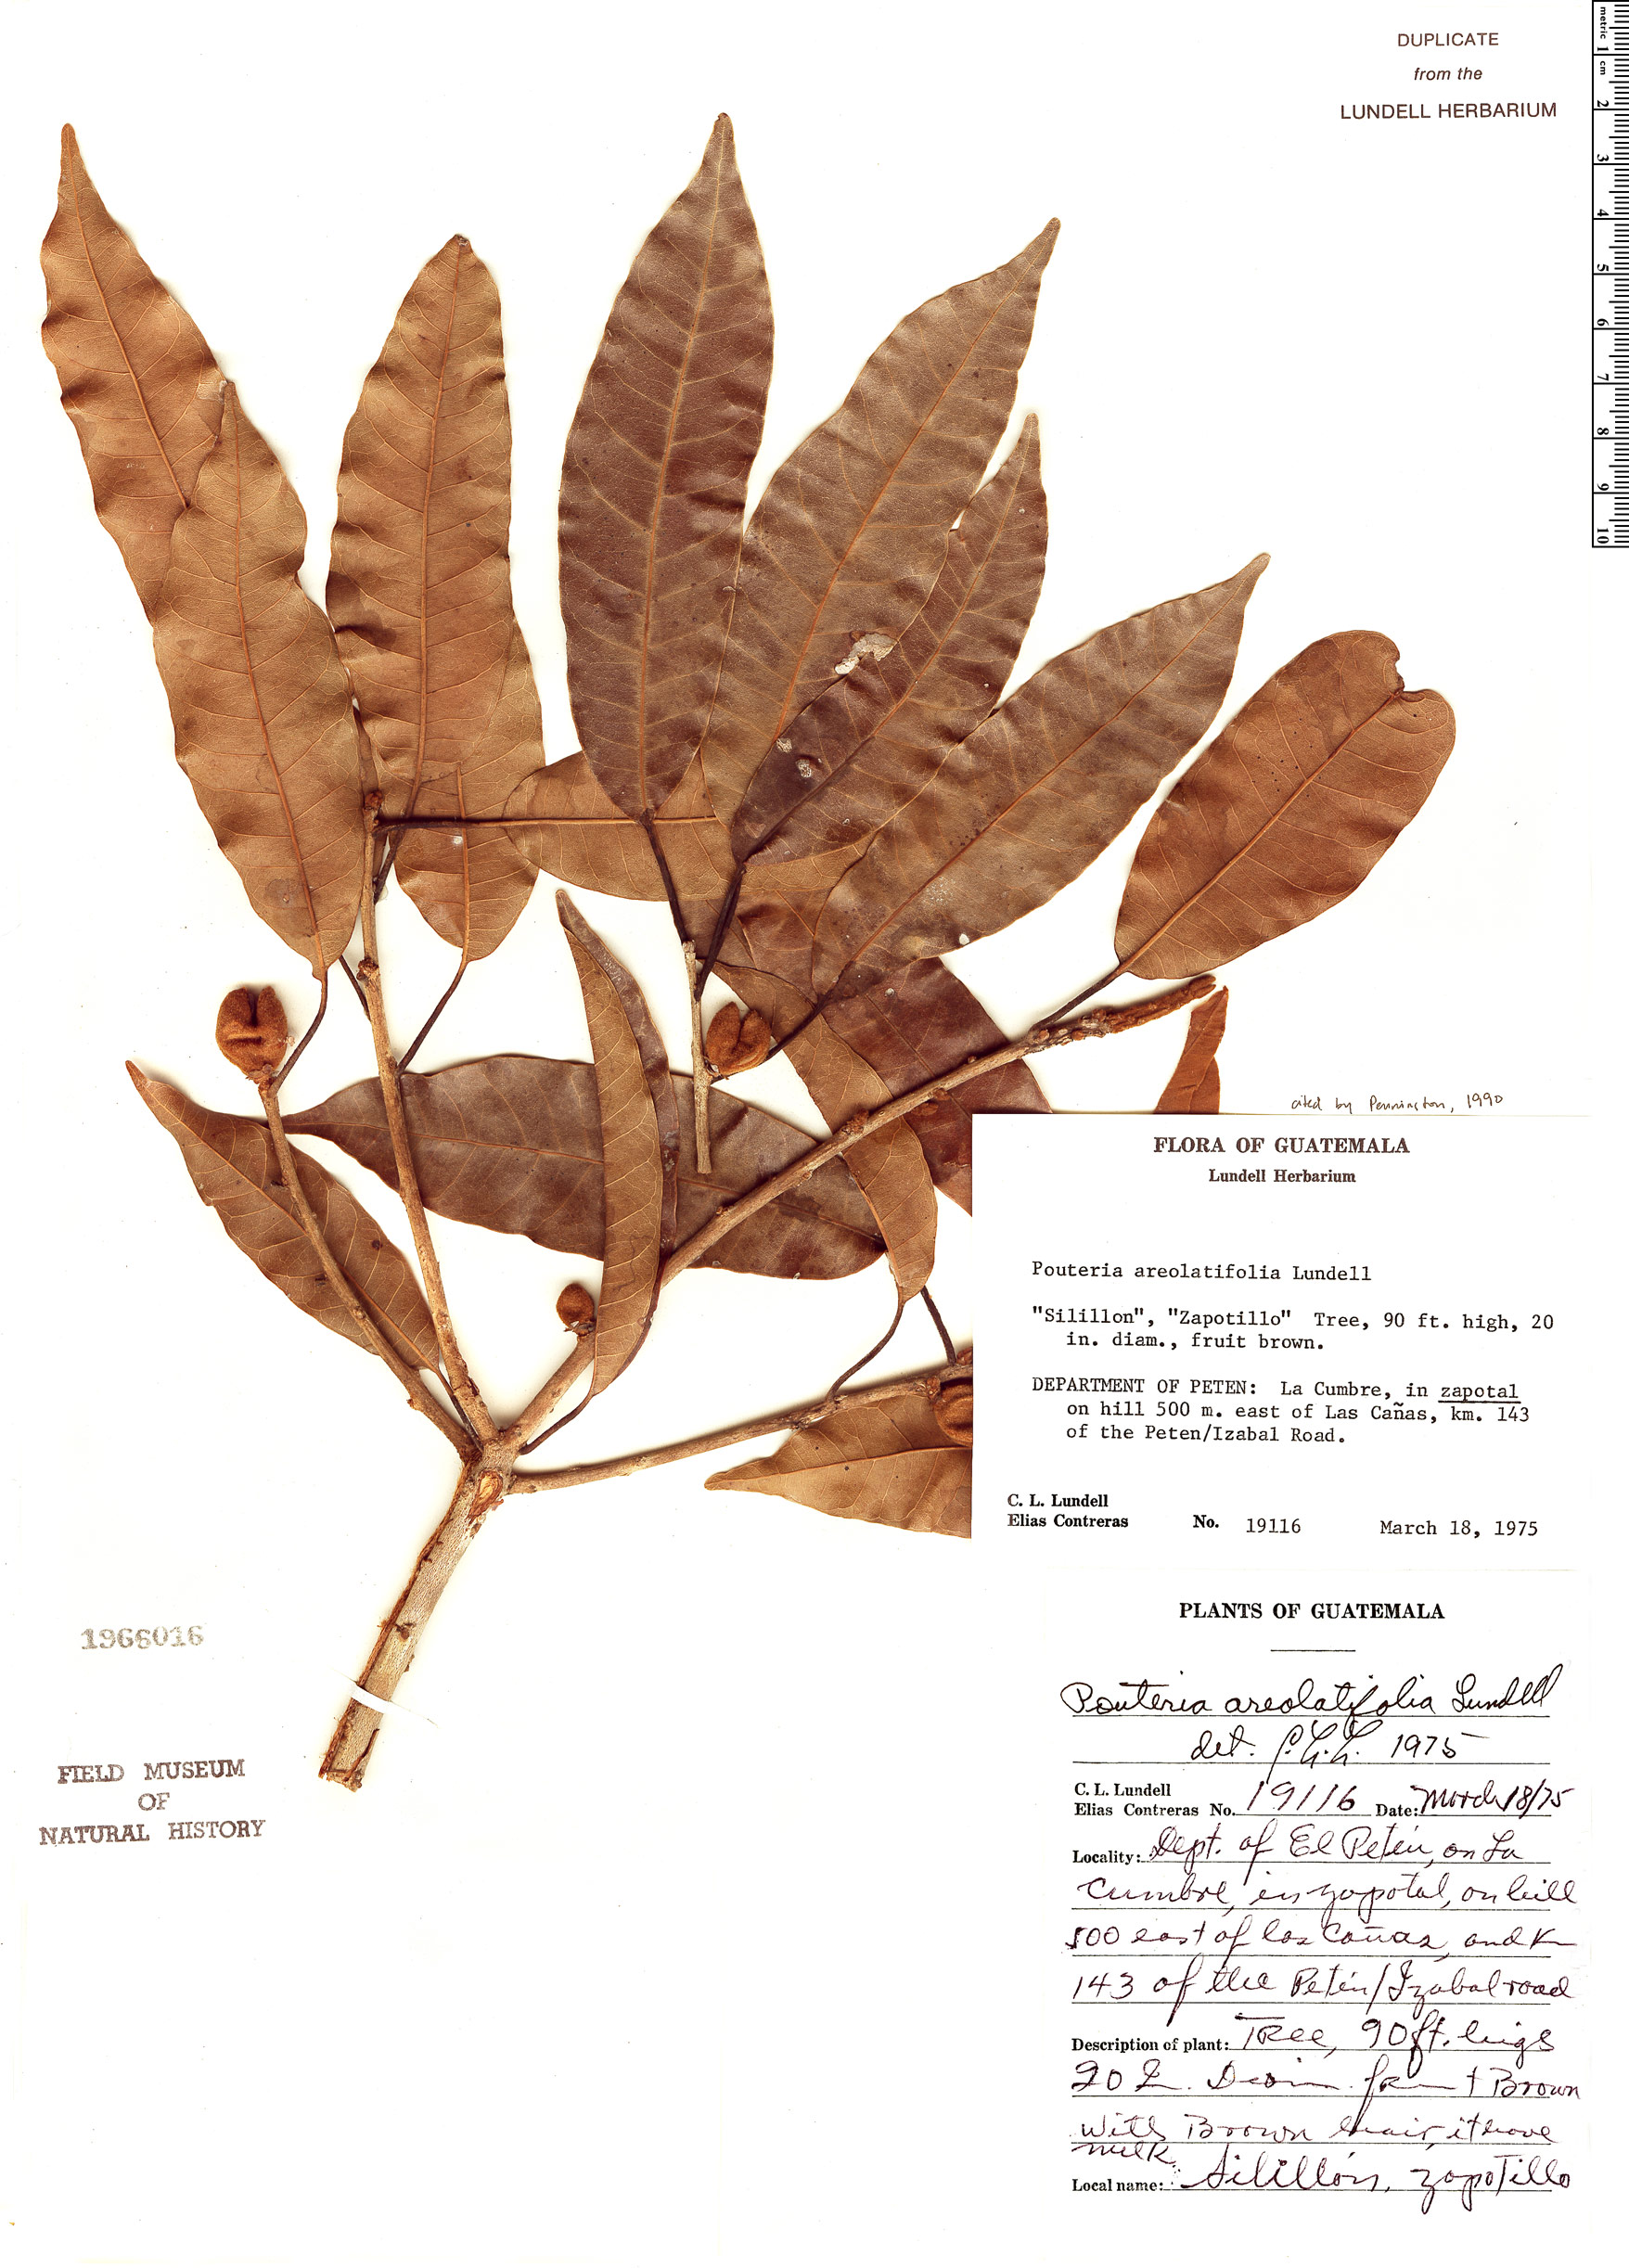 Specimen: Pouteria areolatifolia